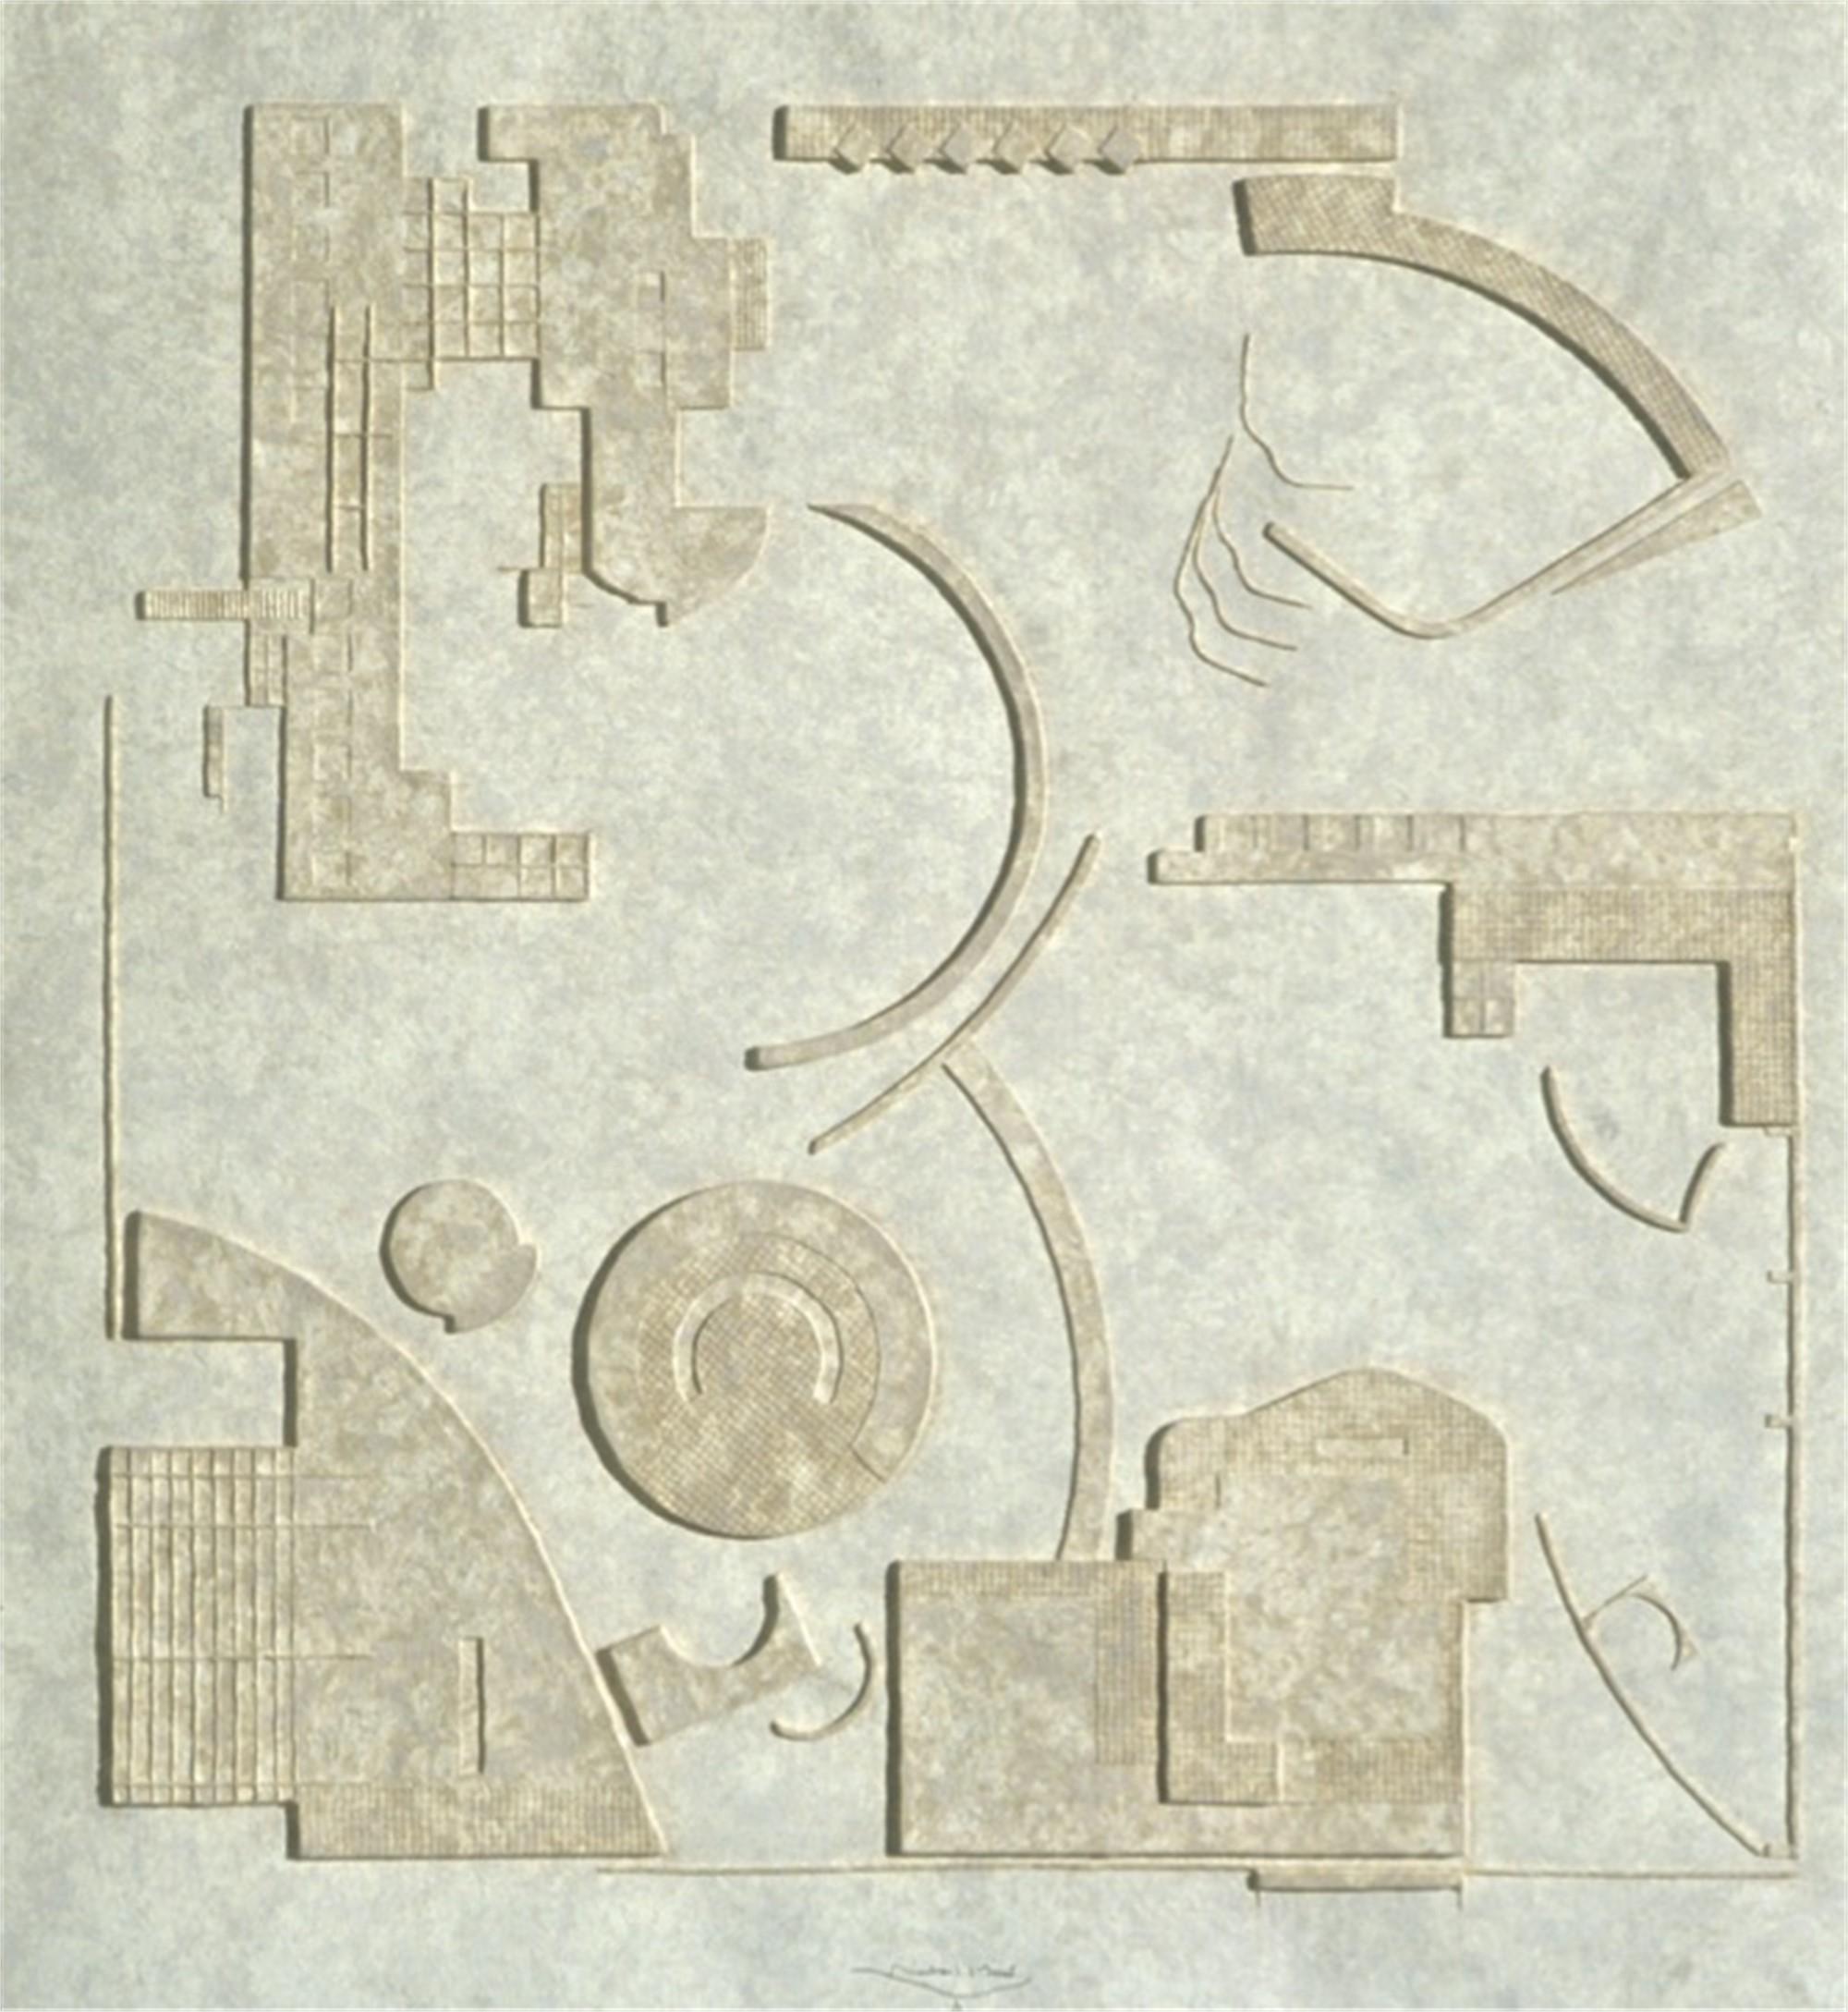 Getty - Series II by Richard Meier